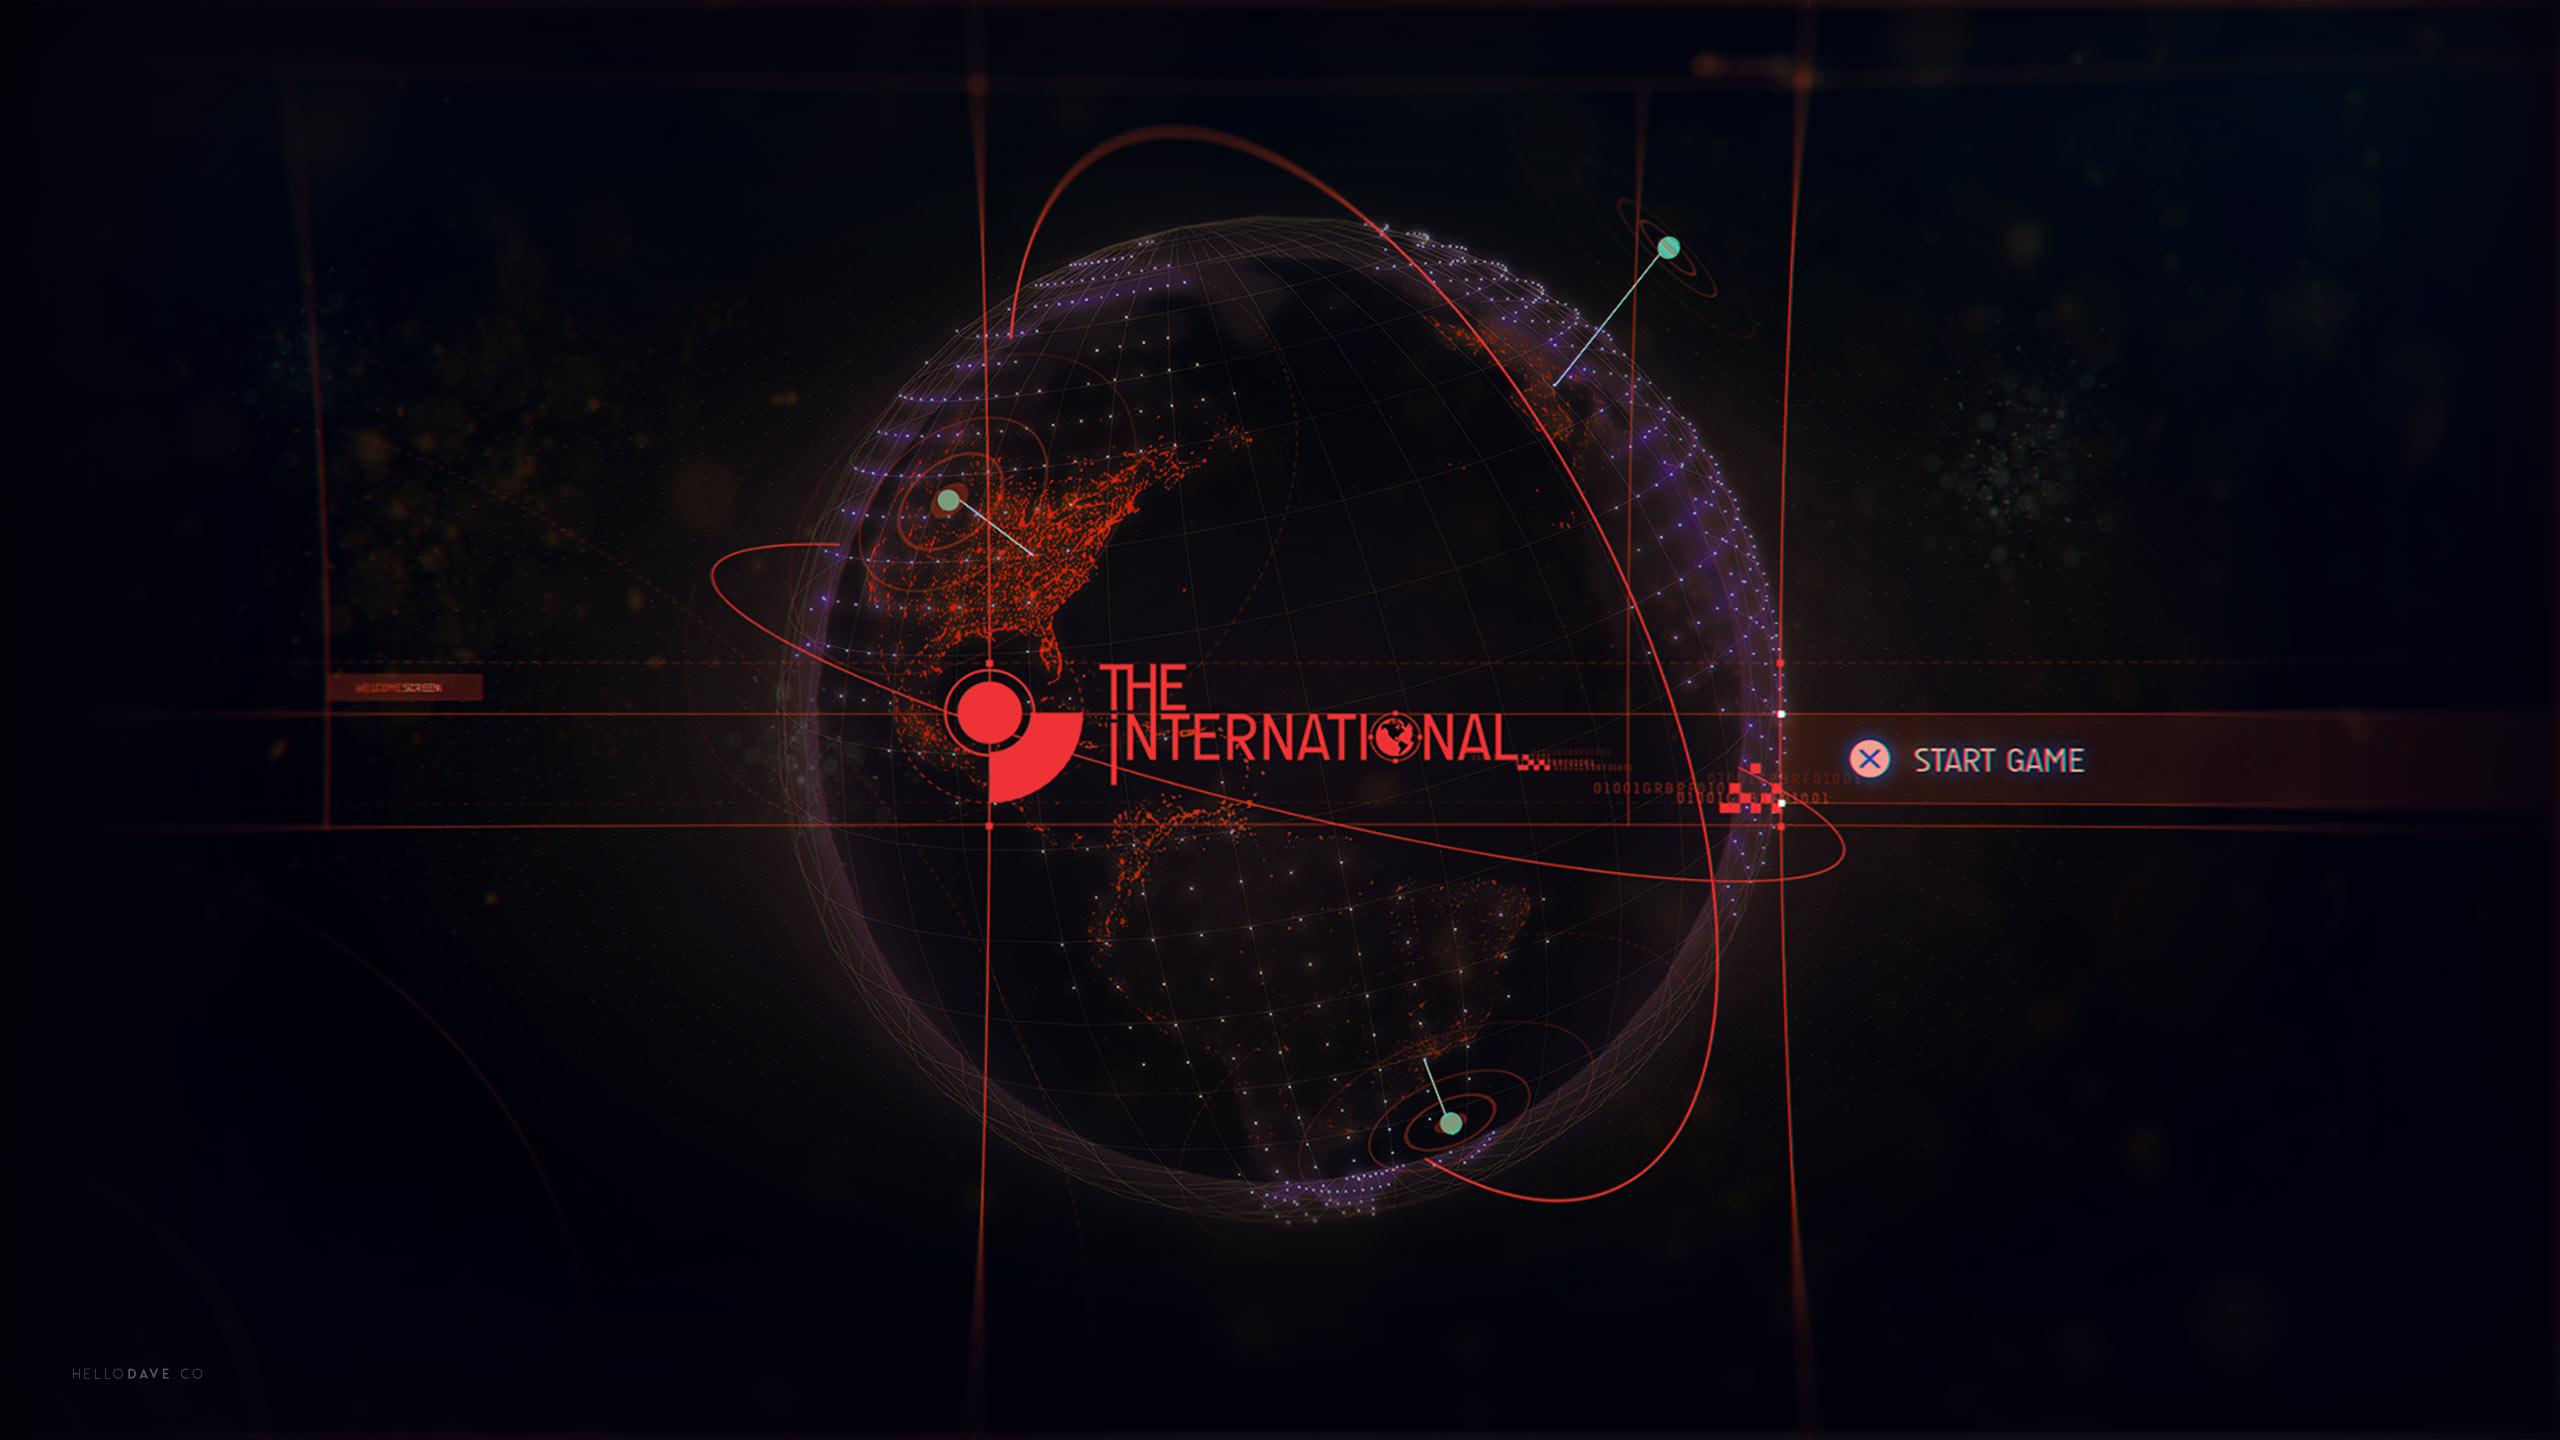 TheInternational_ArtTest_2013_01